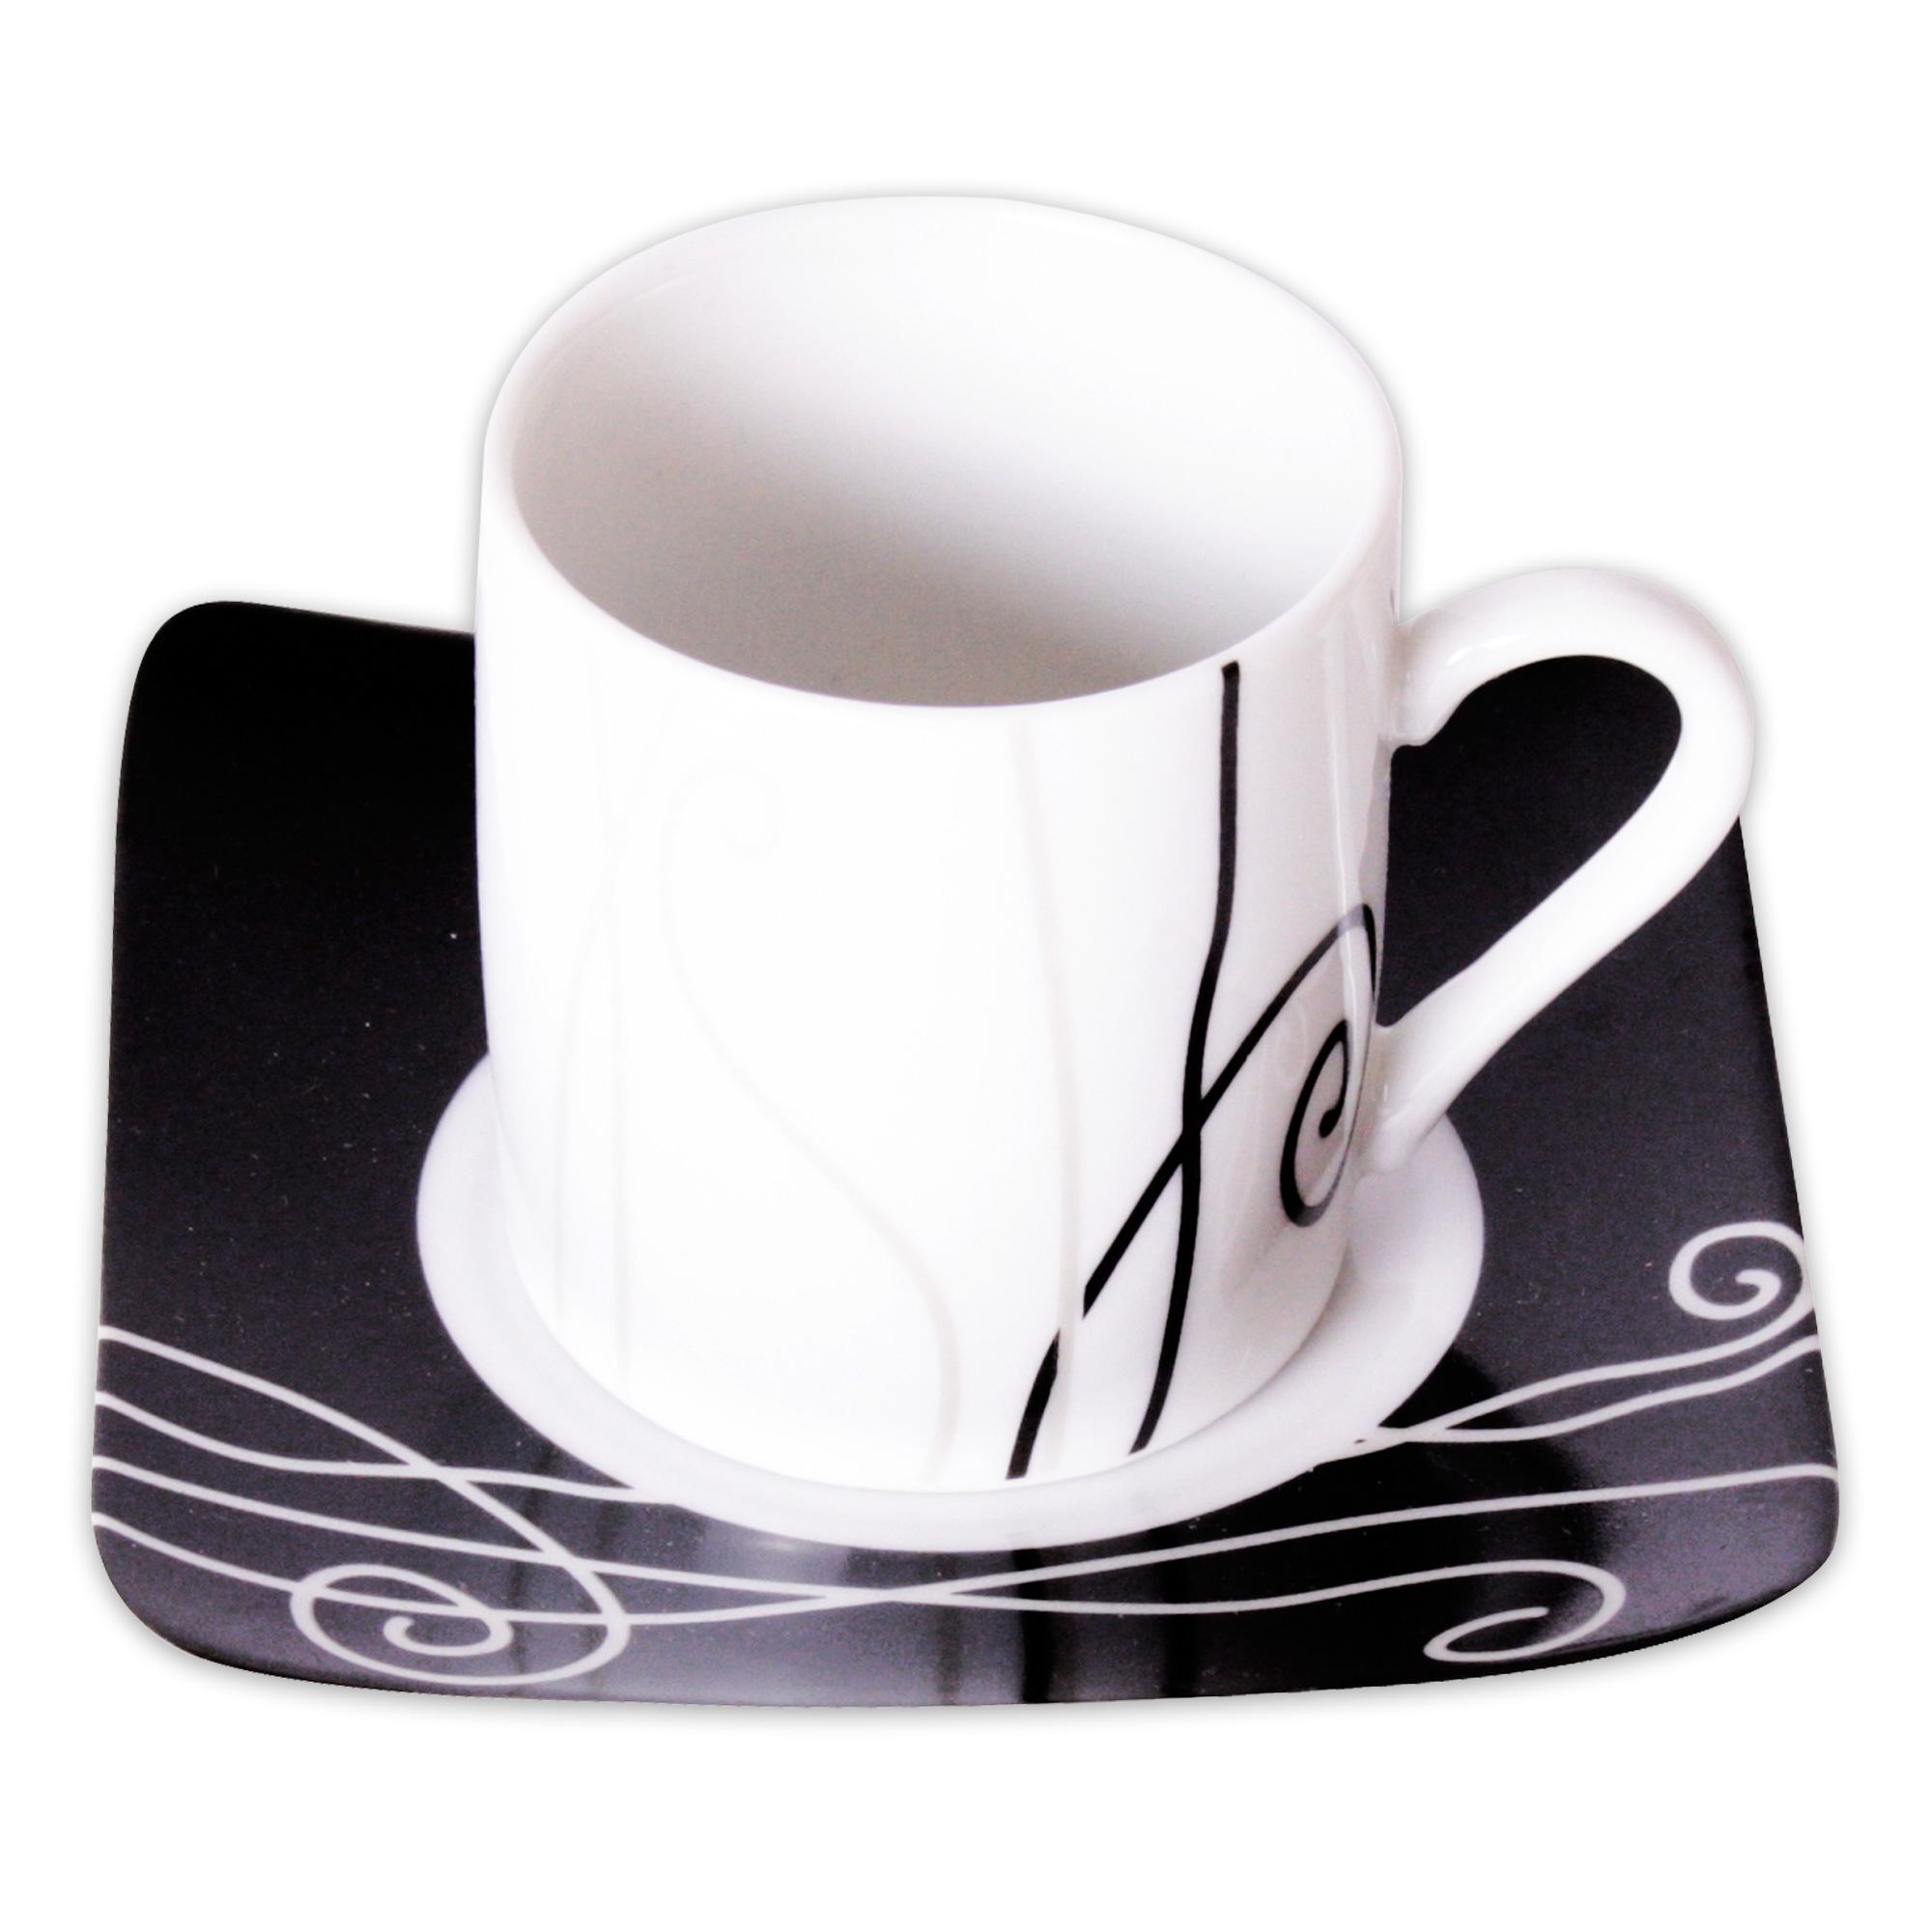 4 Edle Espressotassen Aus Keramik 5 5 X 5 Cm In Edlem